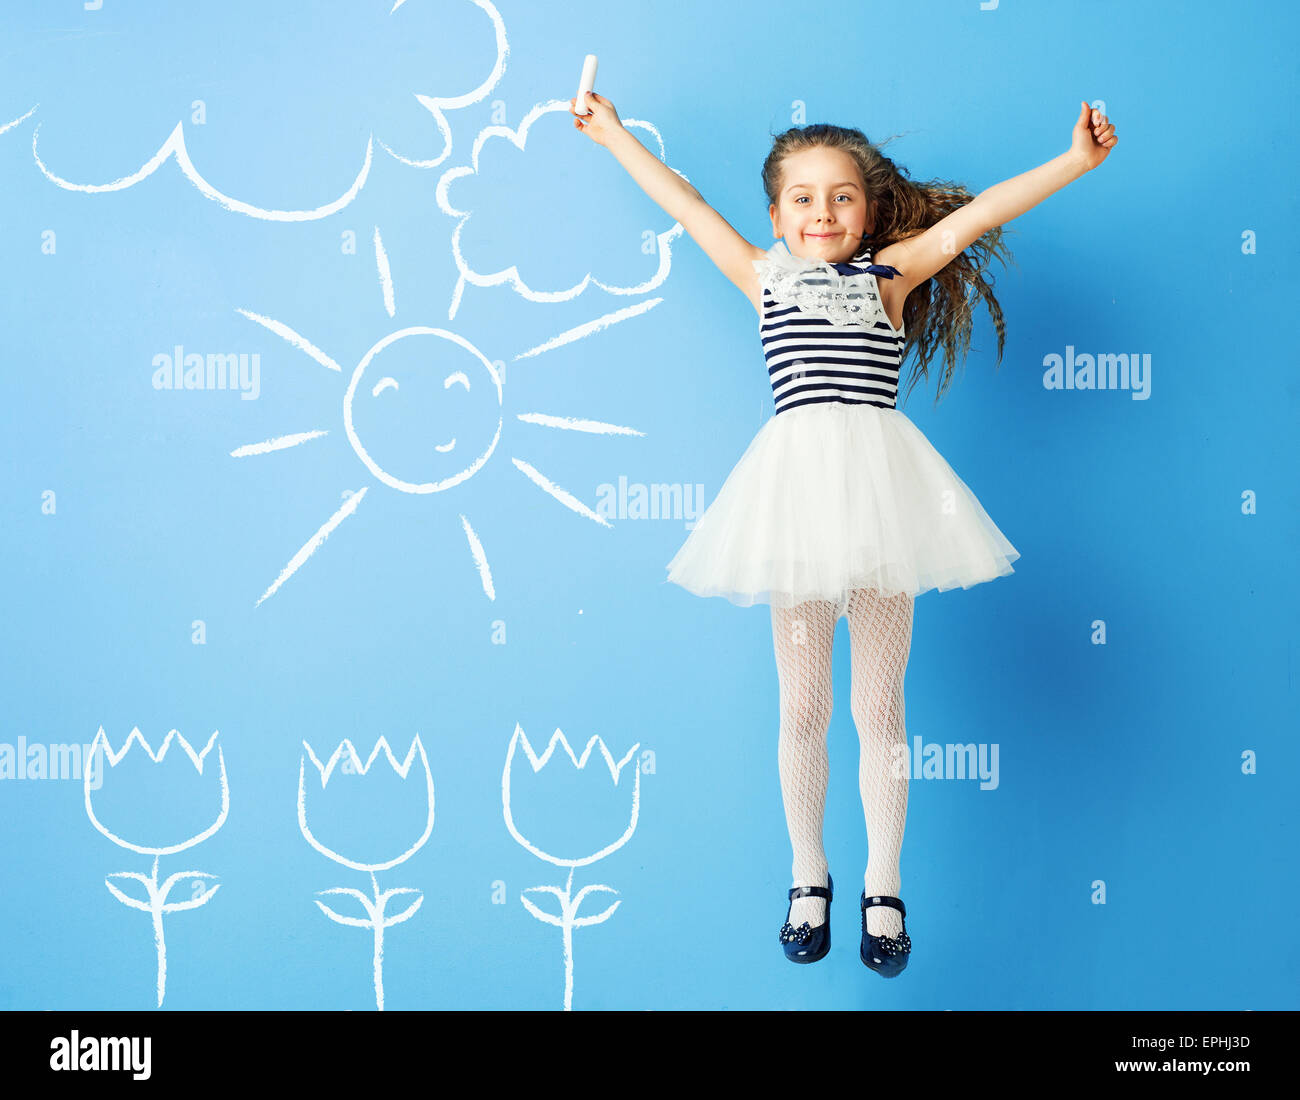 Hübsches Mädchen macht Kreidezeichnungen auf der Wand Stockbild